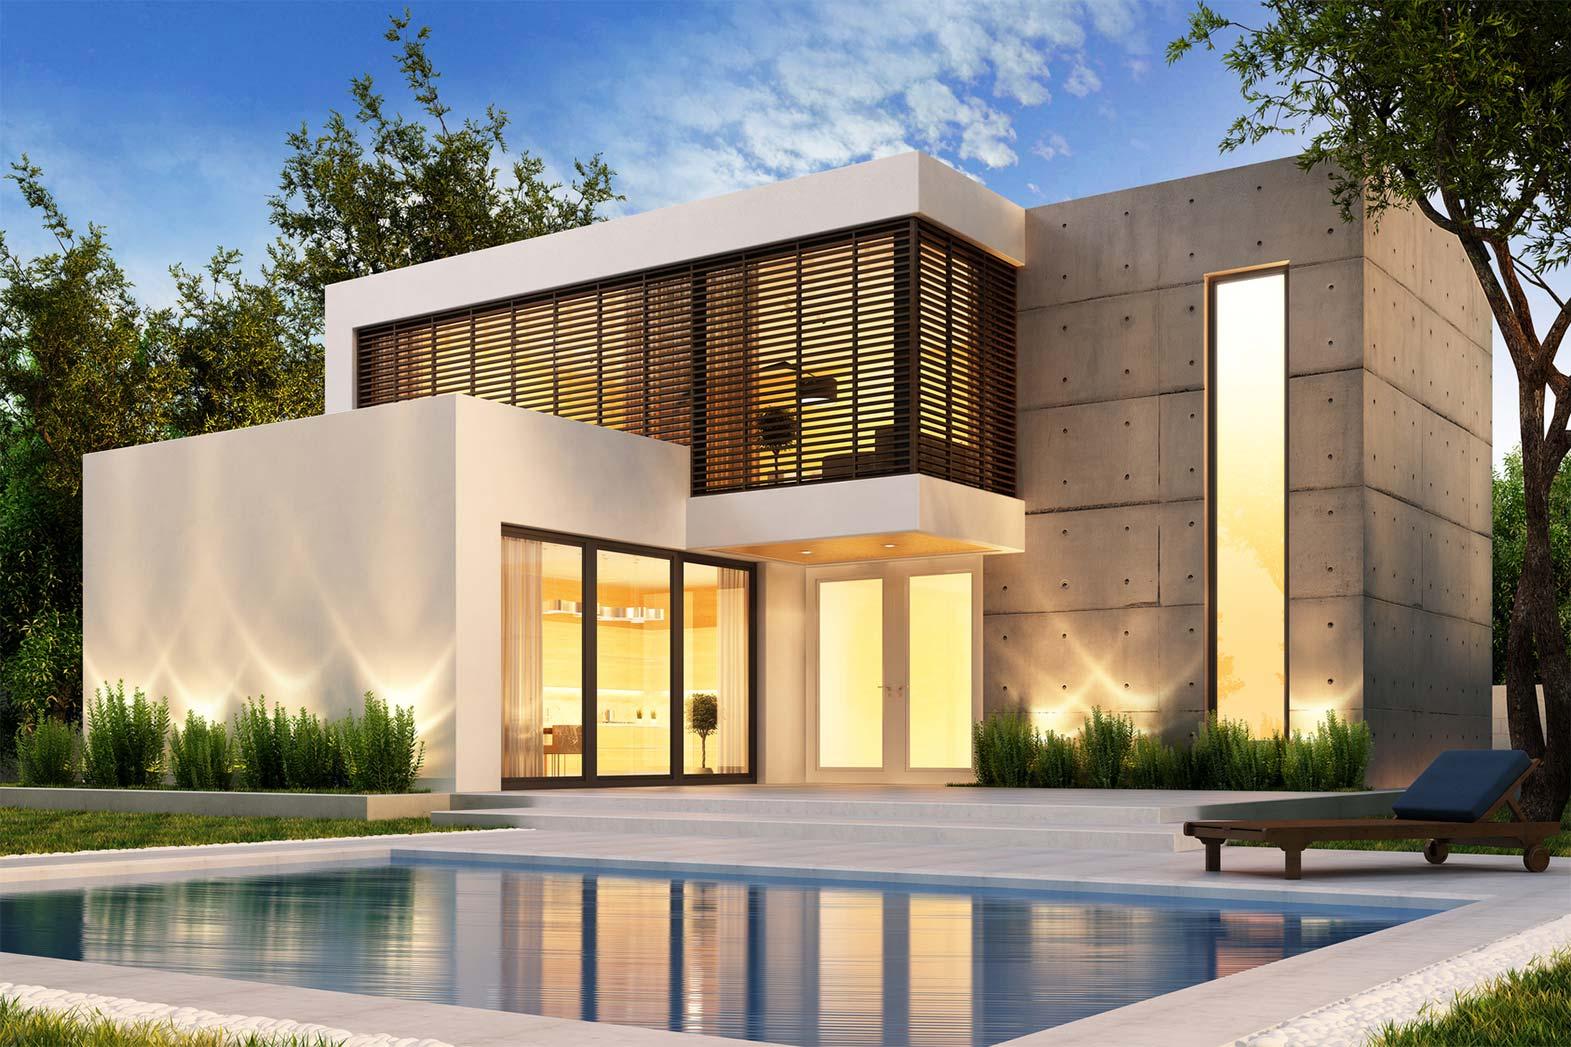 Modernes beleuchtetes Smarthome mit Pool und Garten